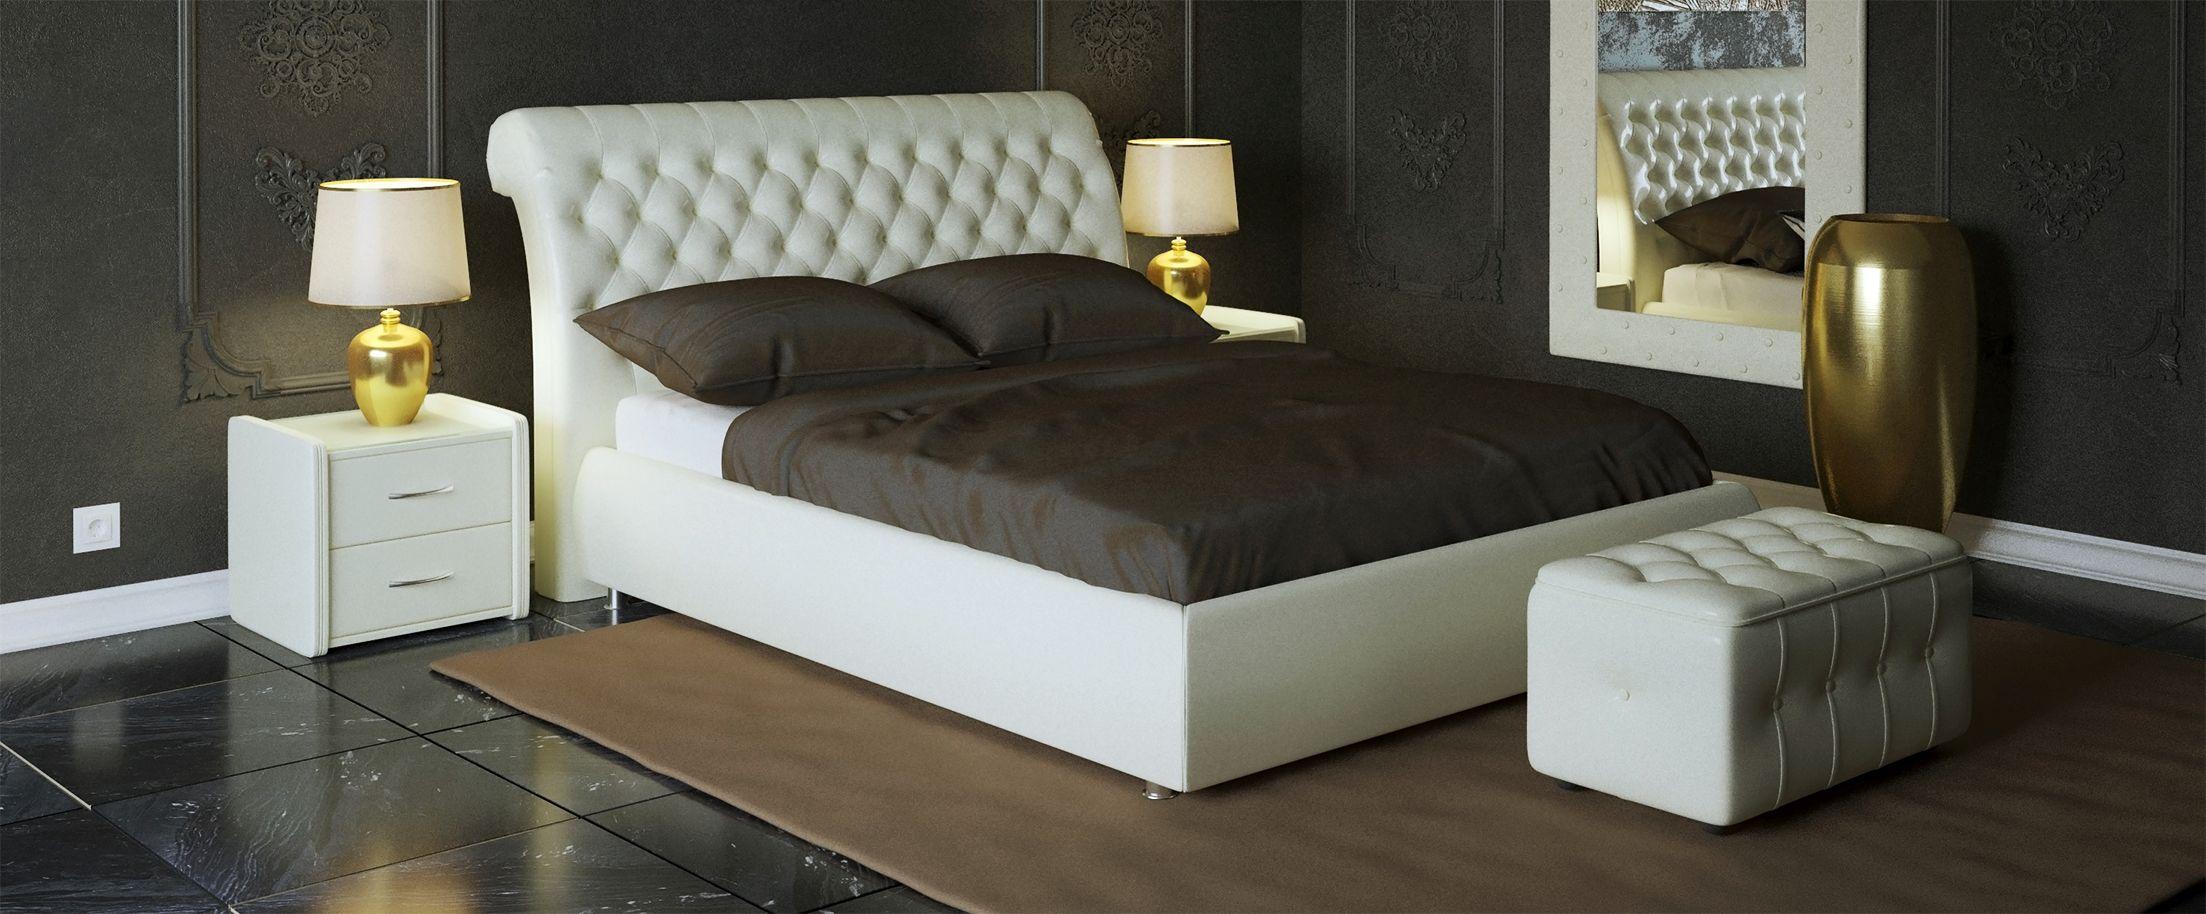 Кровать двуспальная Эрмитаж Модель 587Кровать «Эрмитаж» полностью соответствует своему названию, позволяя, как любоваться собой, являясь центром интерьера спальни, так и даруя удобства и ощущения прикосновения к прекрасному.<br><br>Ширина см: 185<br>Глубина см: 242<br>Высота см: 113<br>Ширина спального места см: 160<br>Глубина спального места см: 200<br>Подъемный механизм: Есть<br>Материал каркаса: ДСП<br>Материал обивки: Экокожа<br>Цвет: Белый<br>Код ткани: Марципан